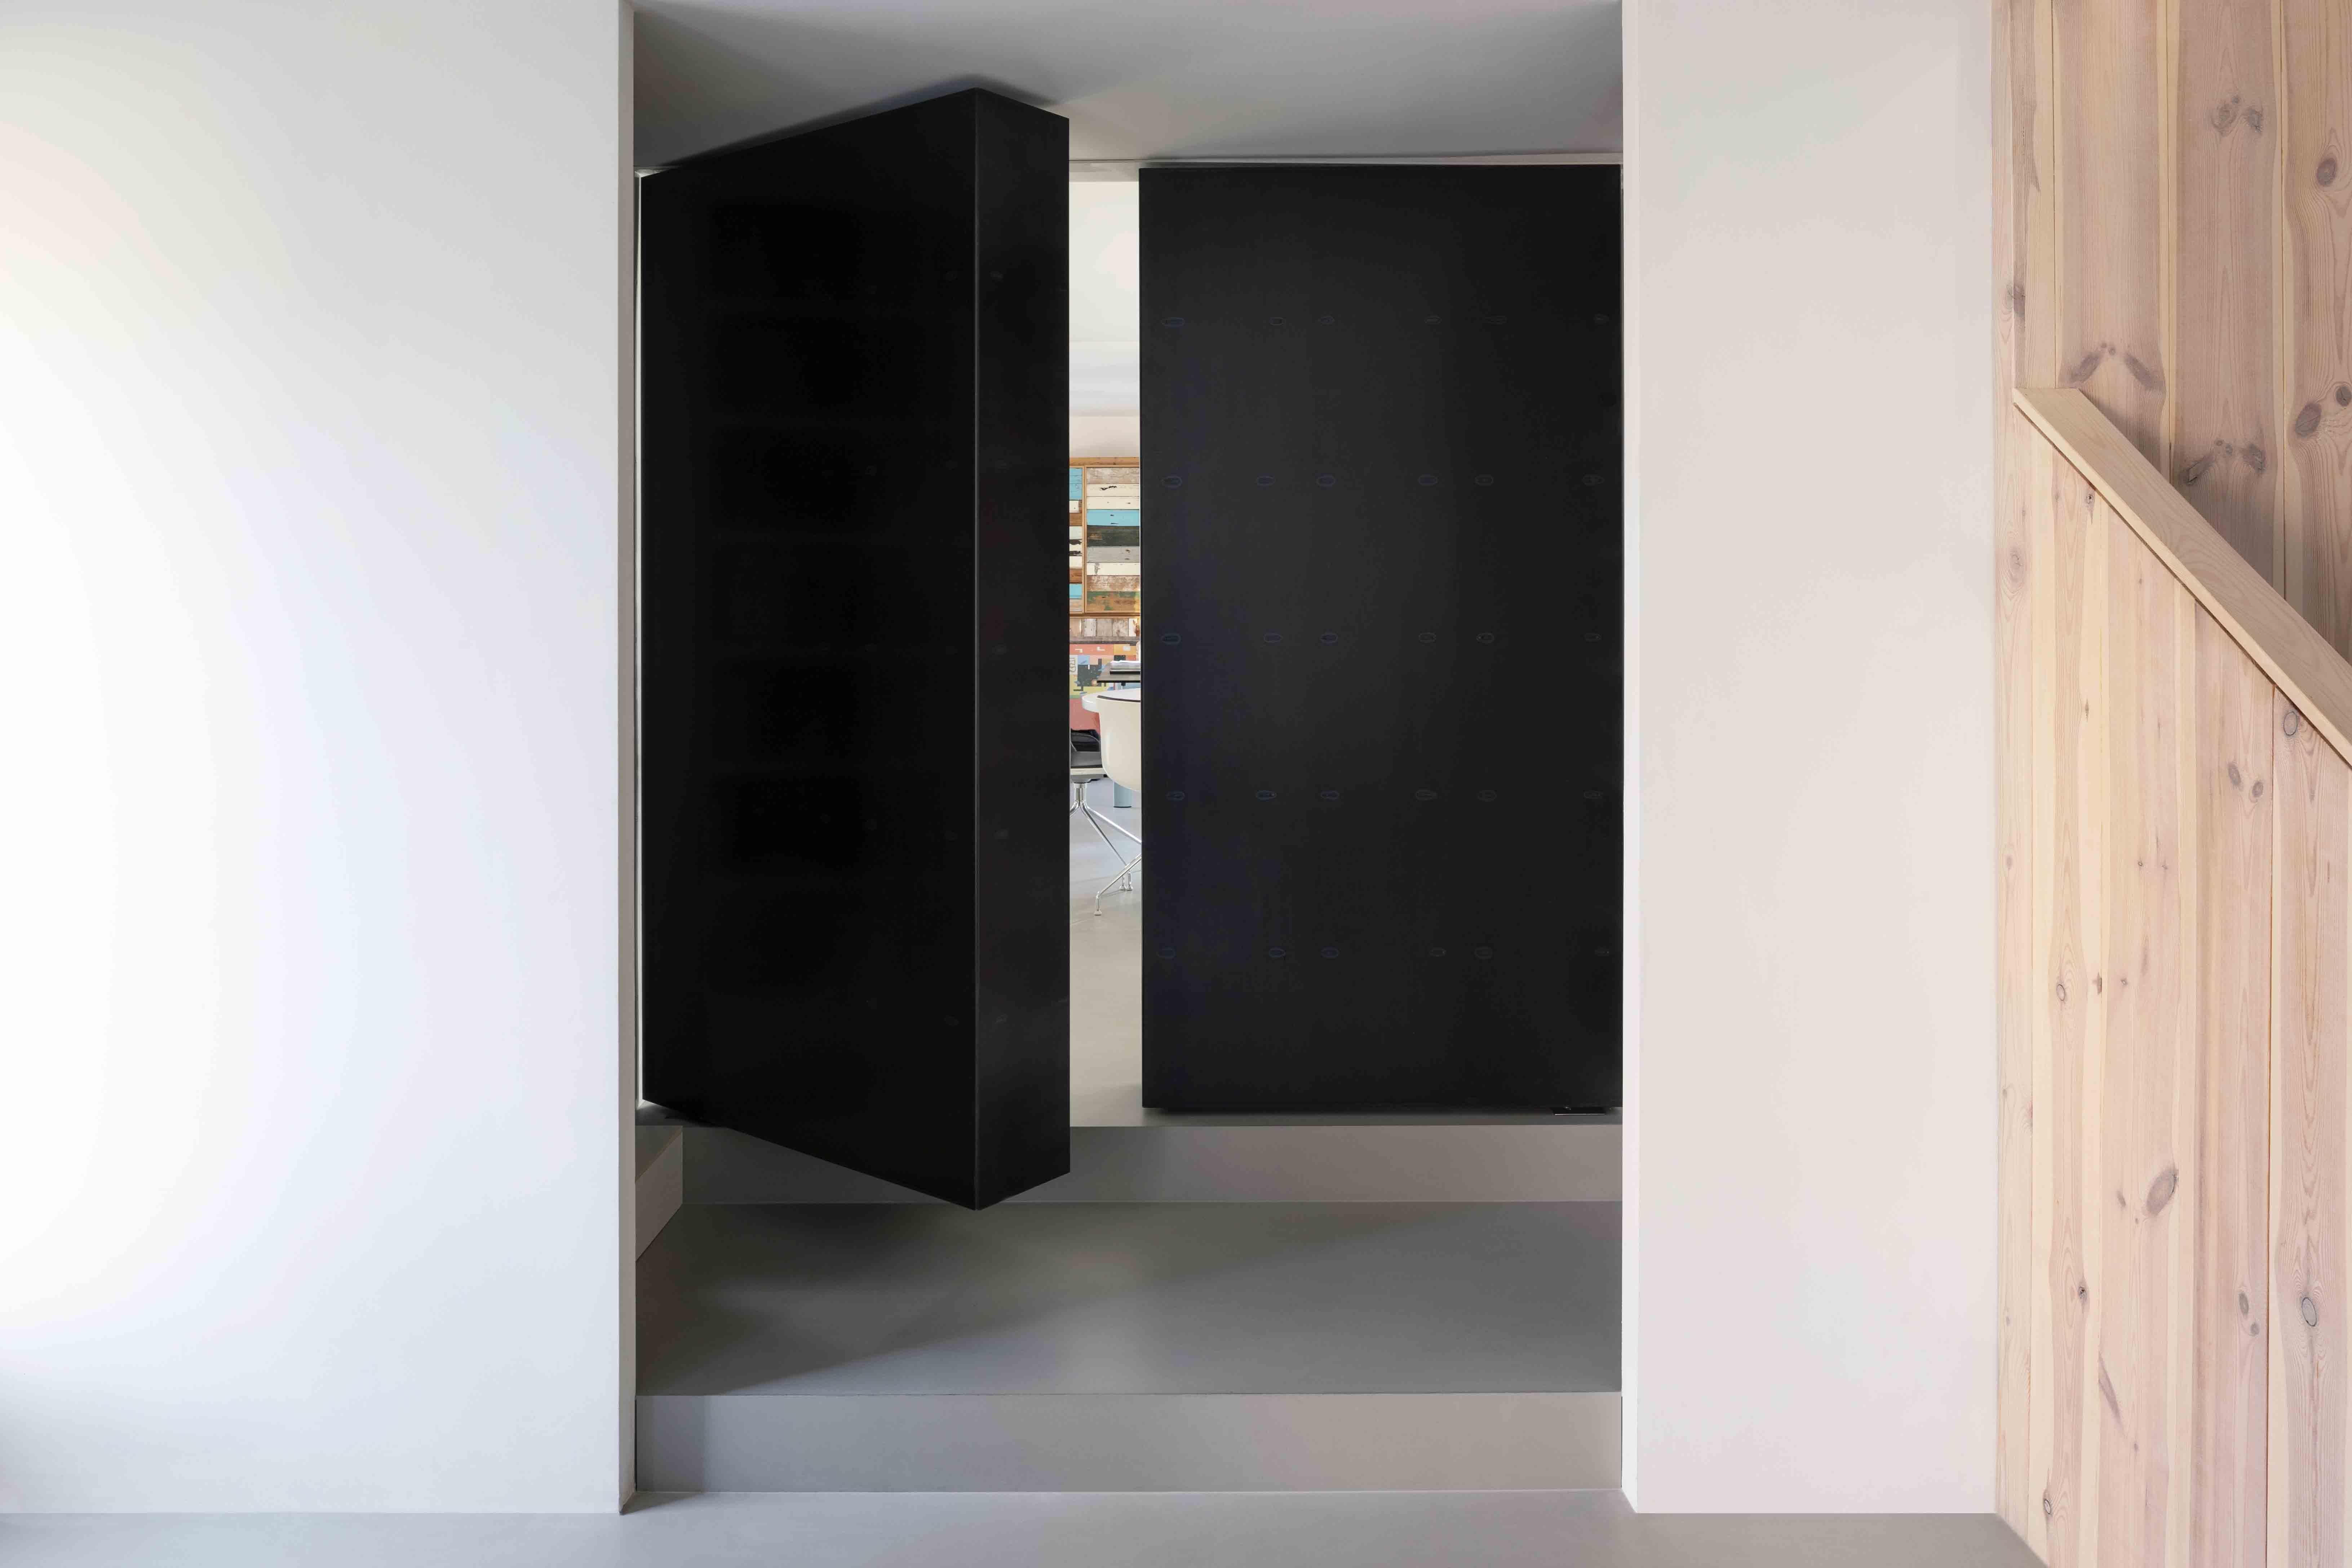 Pivoterende boekenkast door Ernst Hoek, Hoek & de Wit Architecten, met taatssysteem System M van FritsJurgens